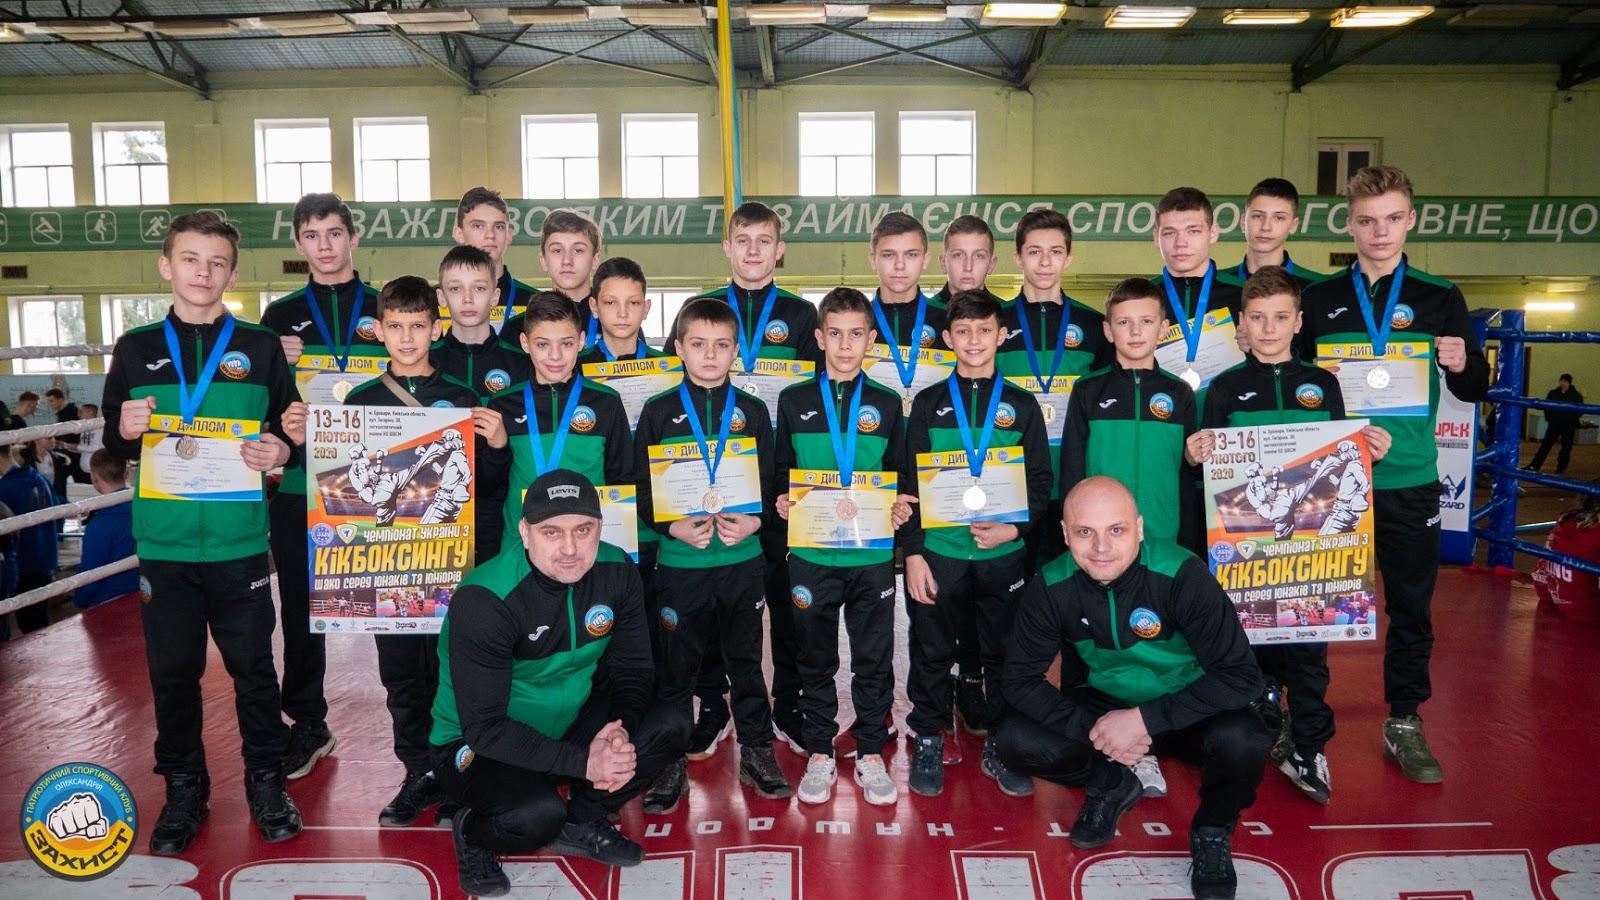 Александрийские кикбоксеры завоевали 15 медалей на Чемпионате Украины